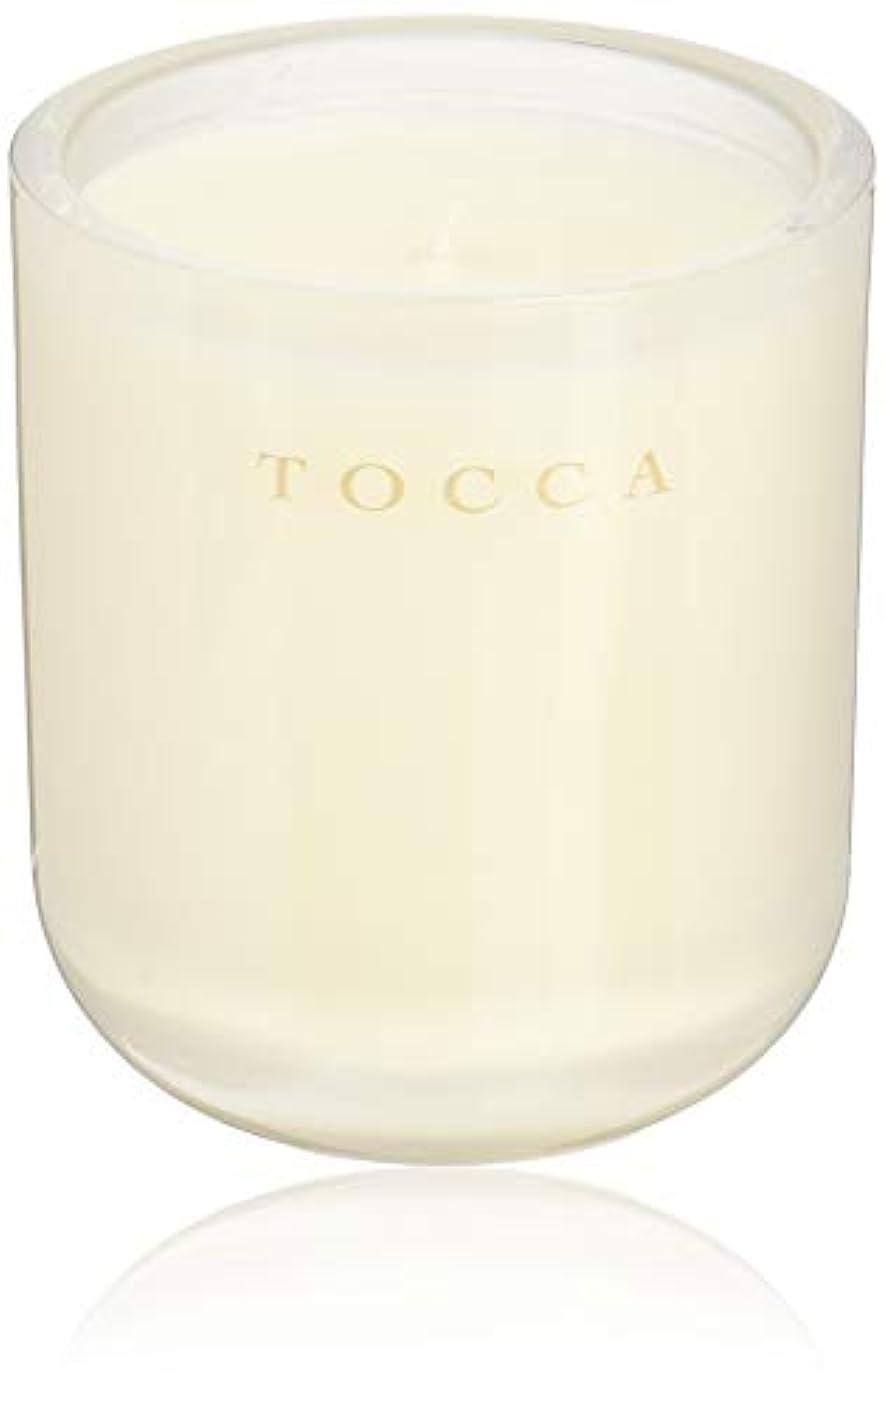 台風同志偽善TOCCA(トッカ) ボヤージュ キャンドル ボラボラ 287g (ろうそく 芳香 バニラとジャスミンの甘く柔らかな香り)